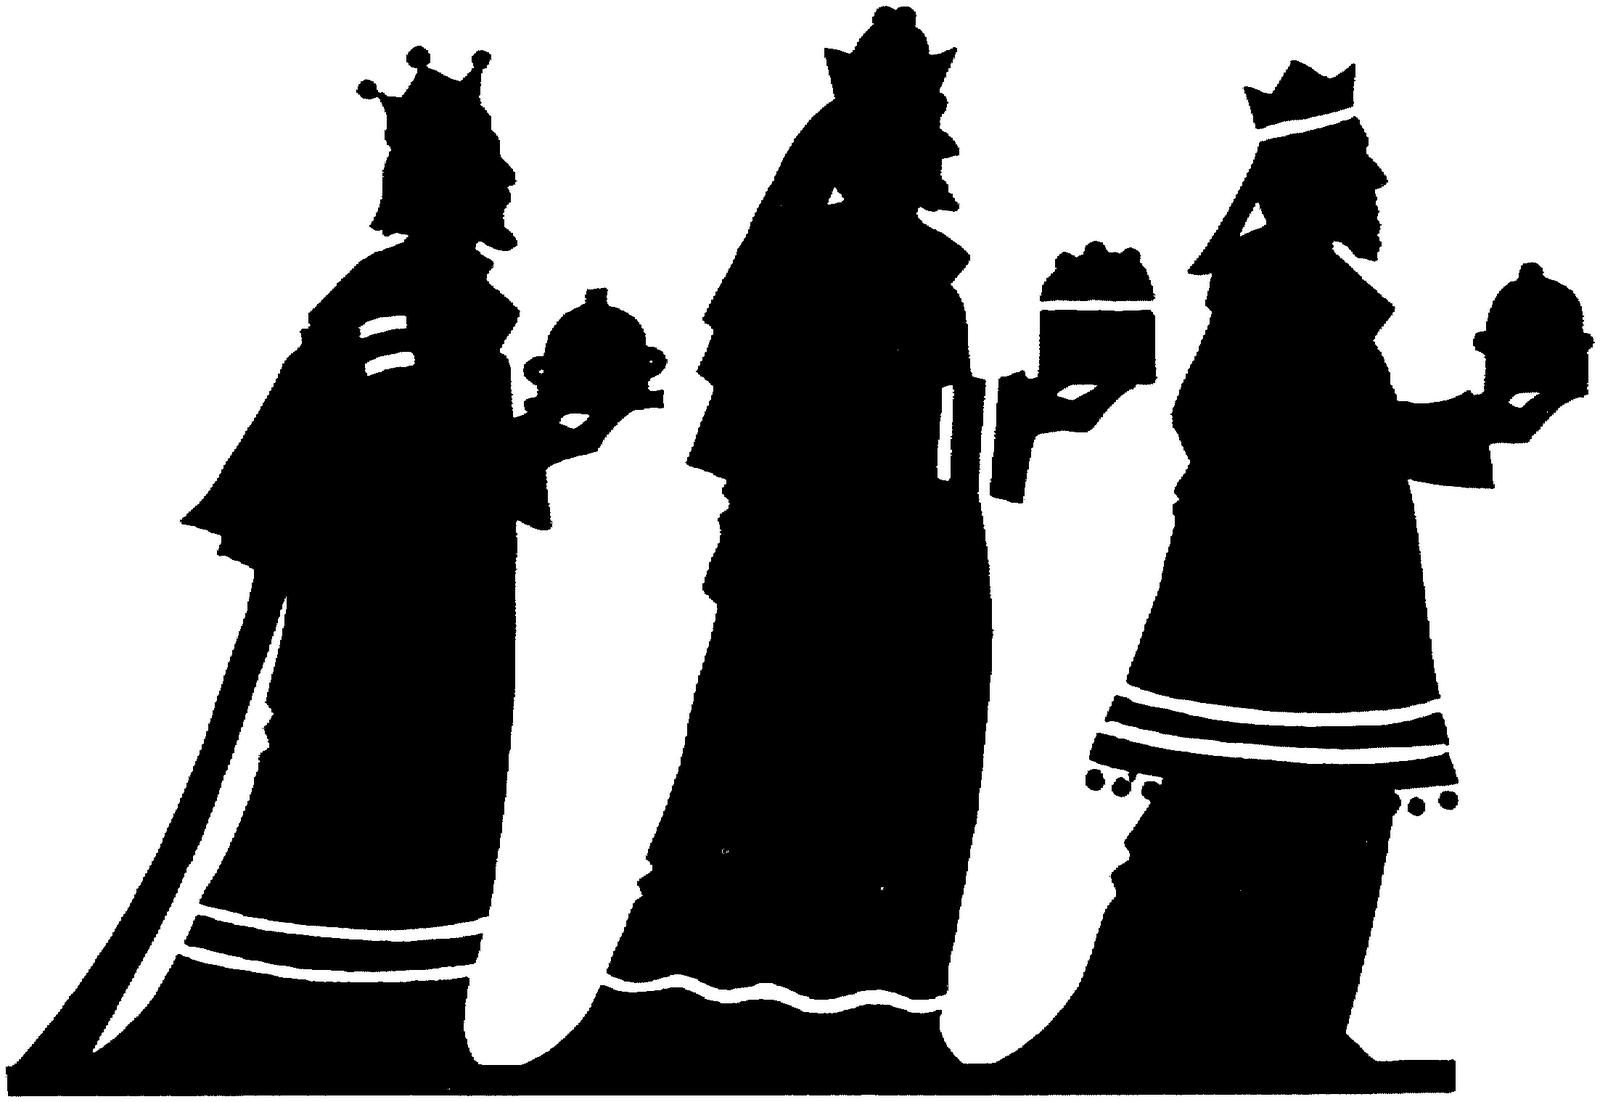 wise men clipart black and white gallery glass blocks rh pinterest com Magi Clip Art Manger Clip Art